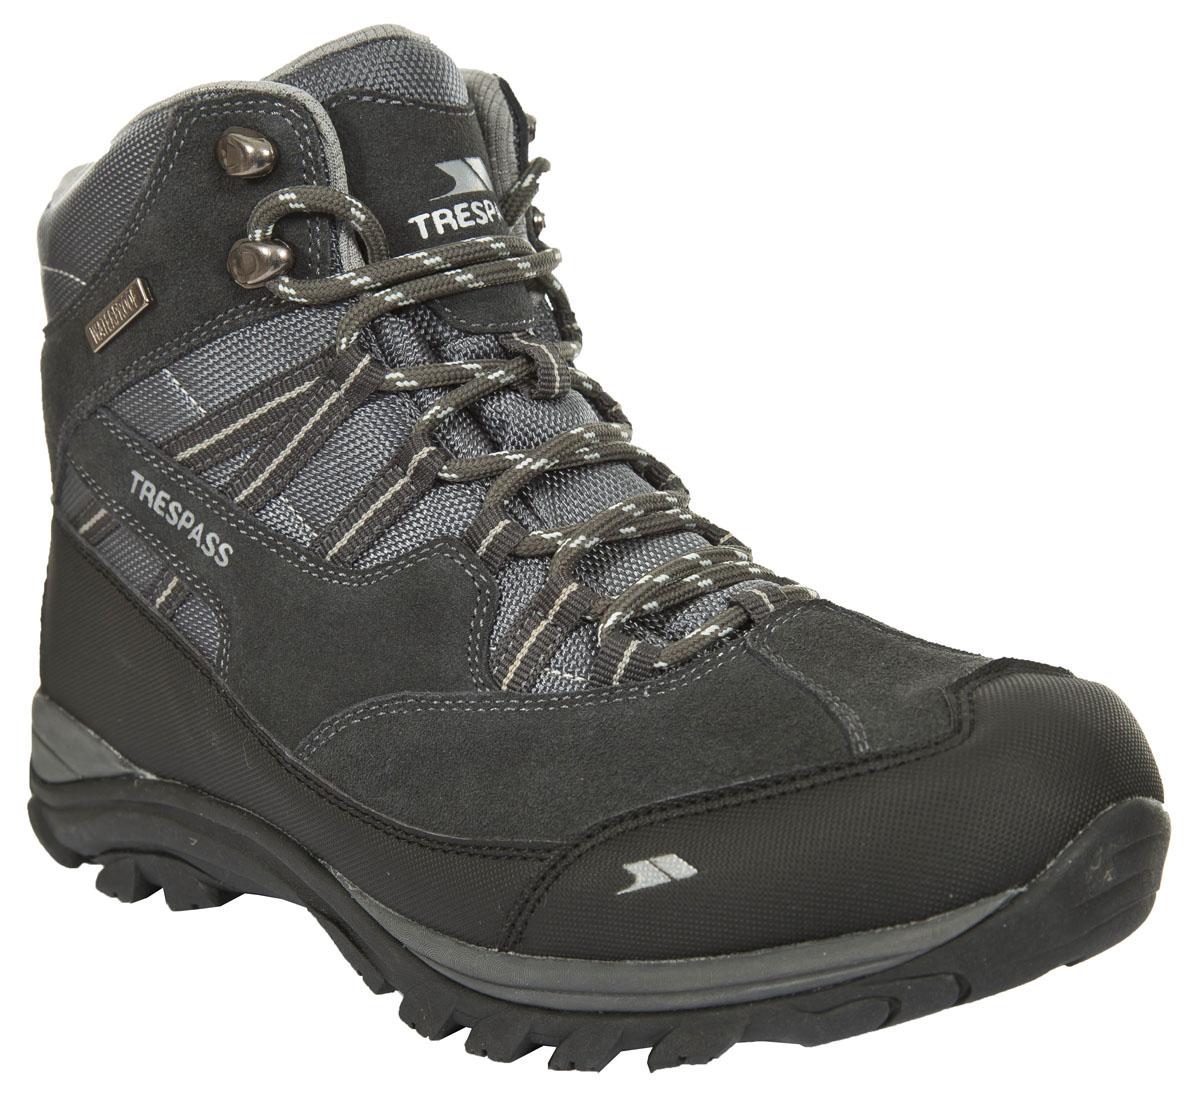 БотинкиMAFOBOL20002Современные трекинговые ботинки Barkley от Trespass выполнены из текстильного водонепроницаемого материала. Специальное покрытие эффективно обеспечивает сухость и комфорт вашим ногам. Подкладка и стелька из текстиля комфортны при движении. Шнуровка надежно зафиксирует модель на ноге. Подошва дополнена рифлением. Ботинки прекрасно подойдут для пеших походов по пересеченной местности.